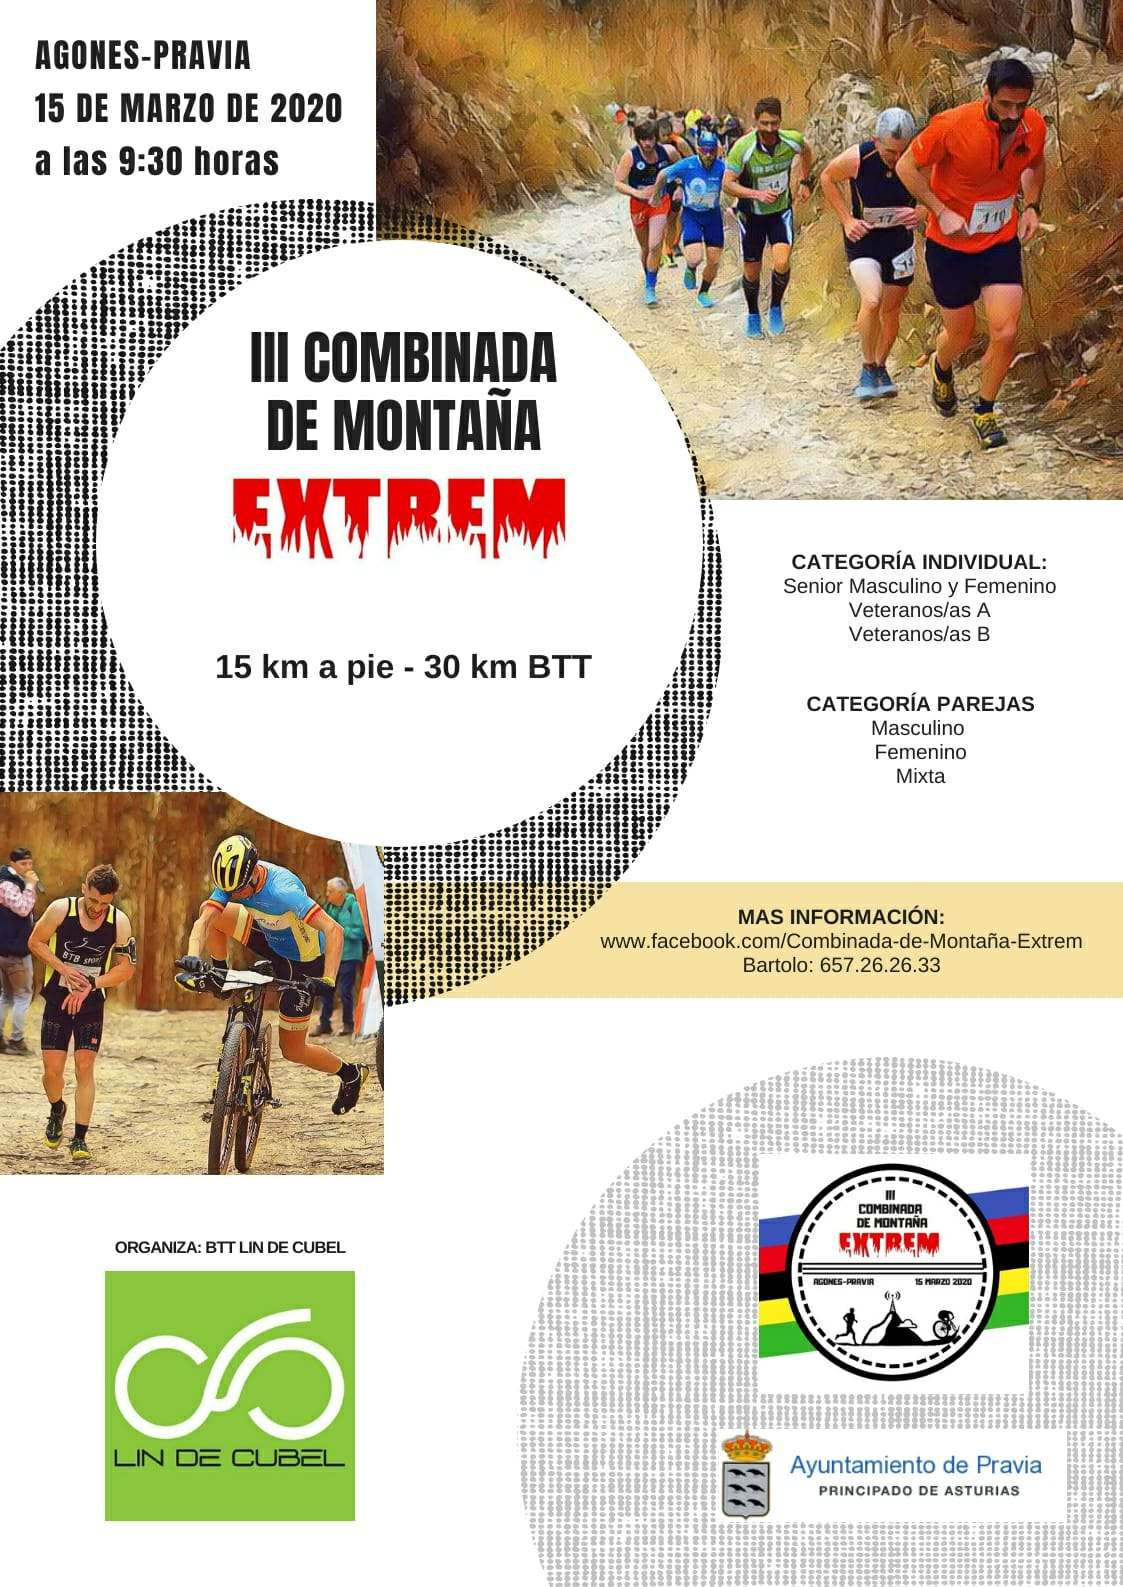 Cartel del evento III COMBINADA DE MONTAÑA EXTREM